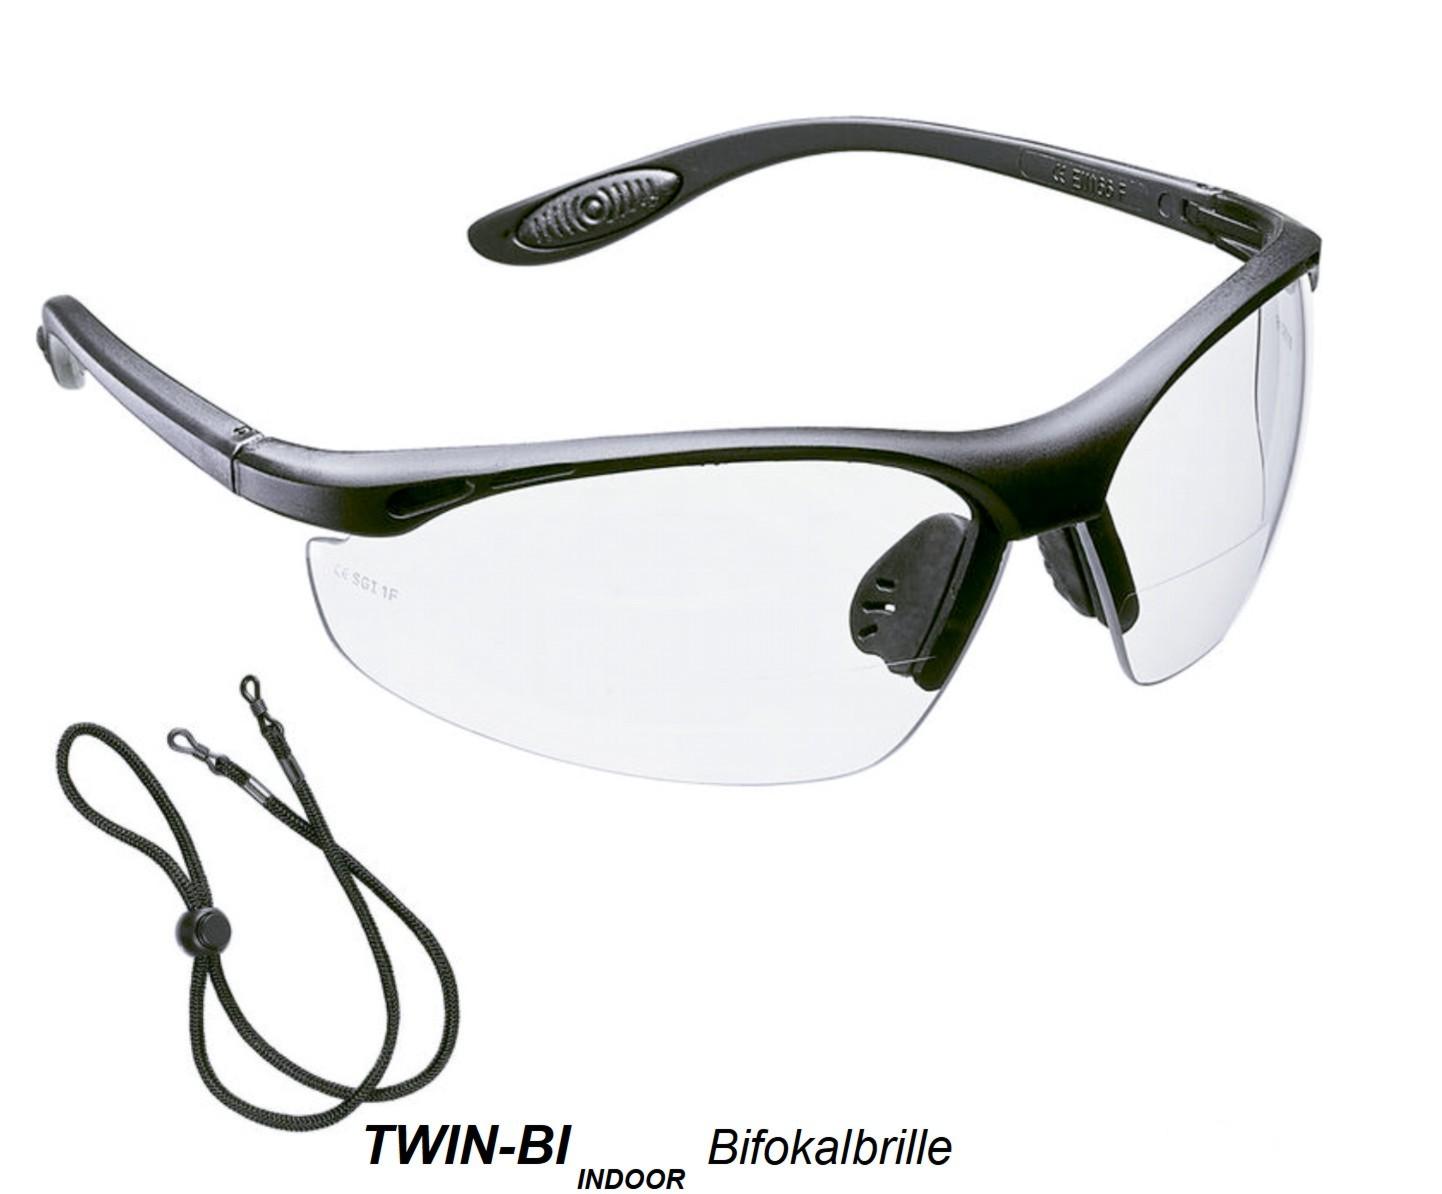 http://www.vacano.de/TWINBI/TWIN-BI%20INDOOR.jpg